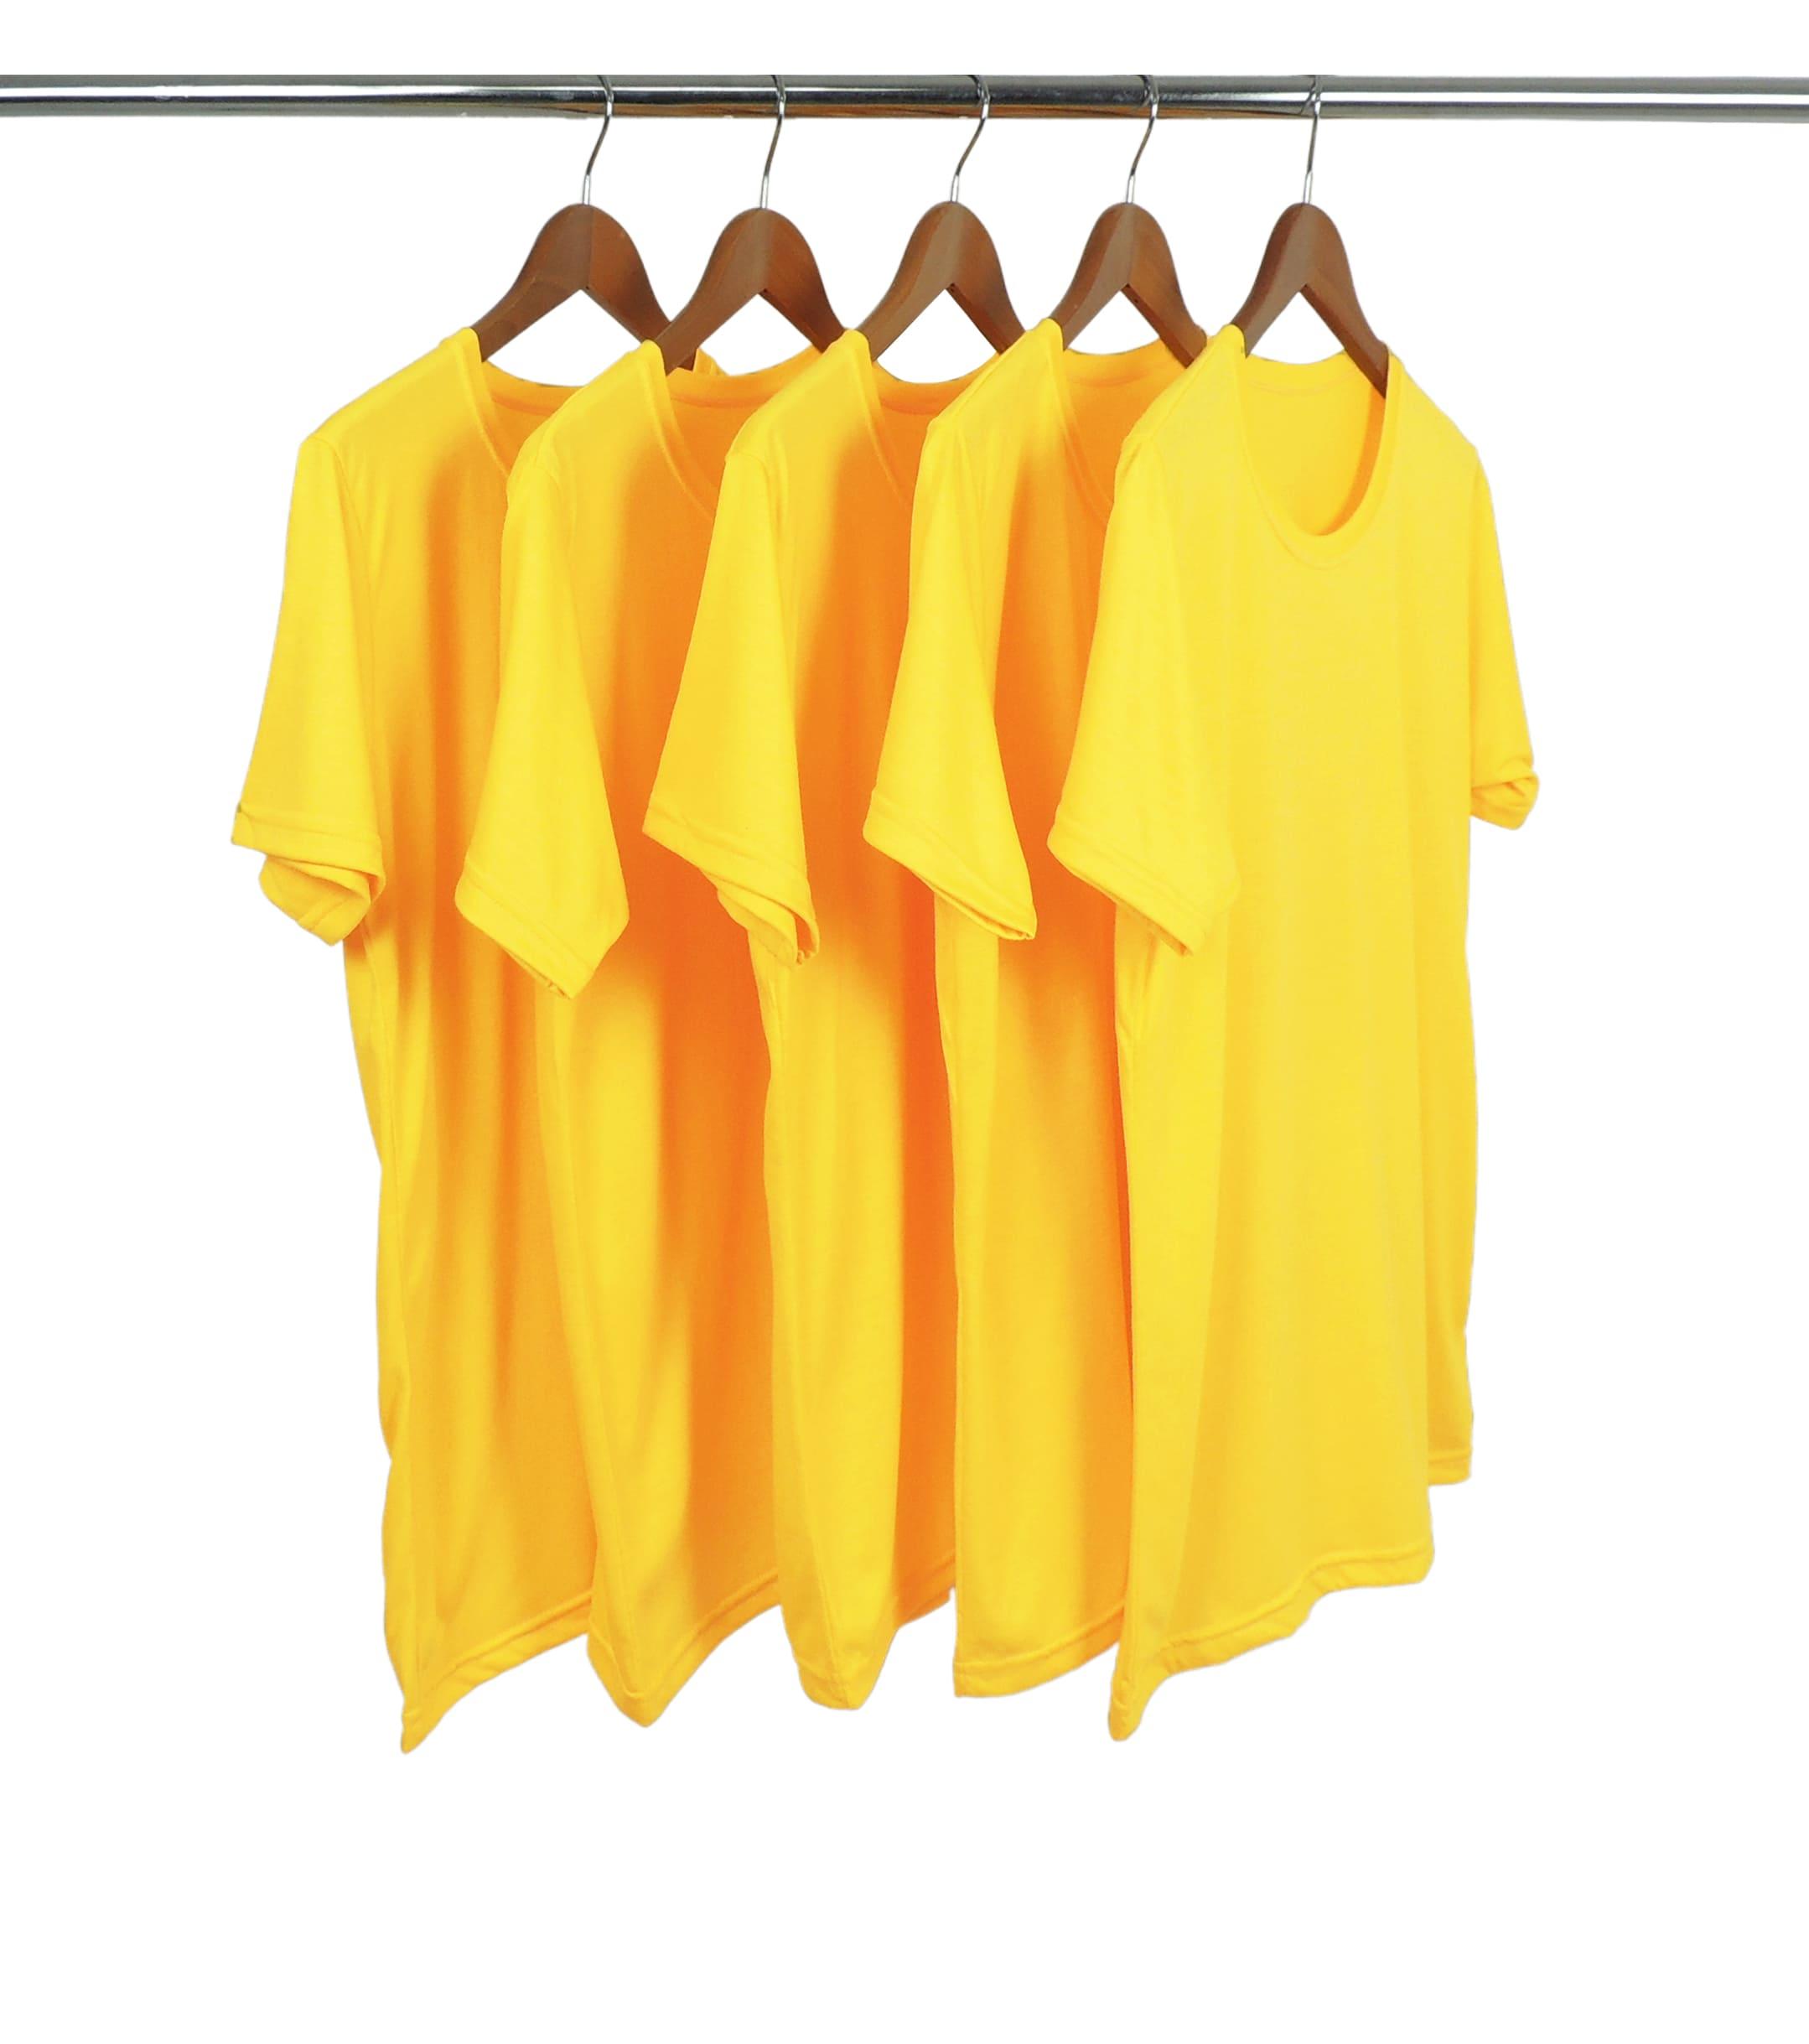 5 PEÇAS - Camiseta PV / Malha Fria Amarelo Canário